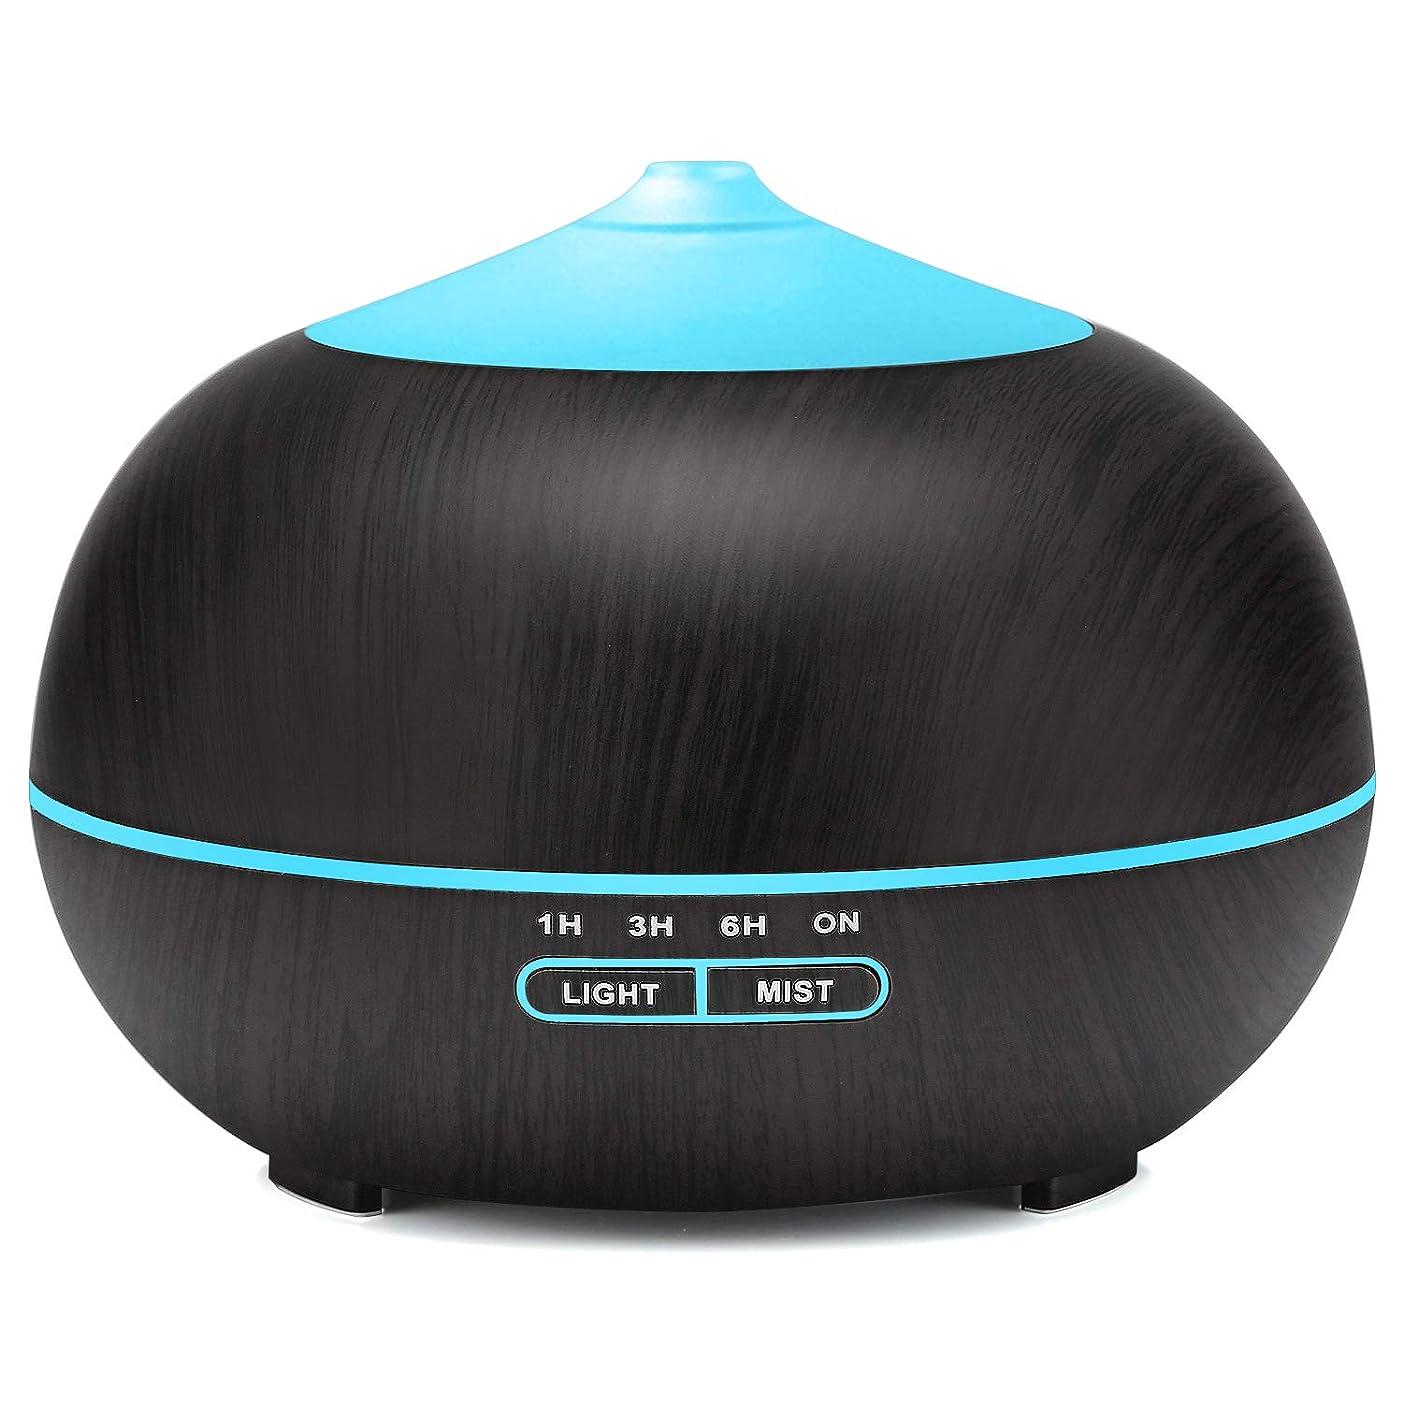 どこでも色デコードするTenswall アロマディフューザー 卓上加湿器人気 超音波式 アロマ加湿器ランキング 木目調 7色LEDライト変換 ムードランプ 空焚き防止 超静音 時間設定 部屋 会社 ヨガなど各場所用 400ml 黒茶色